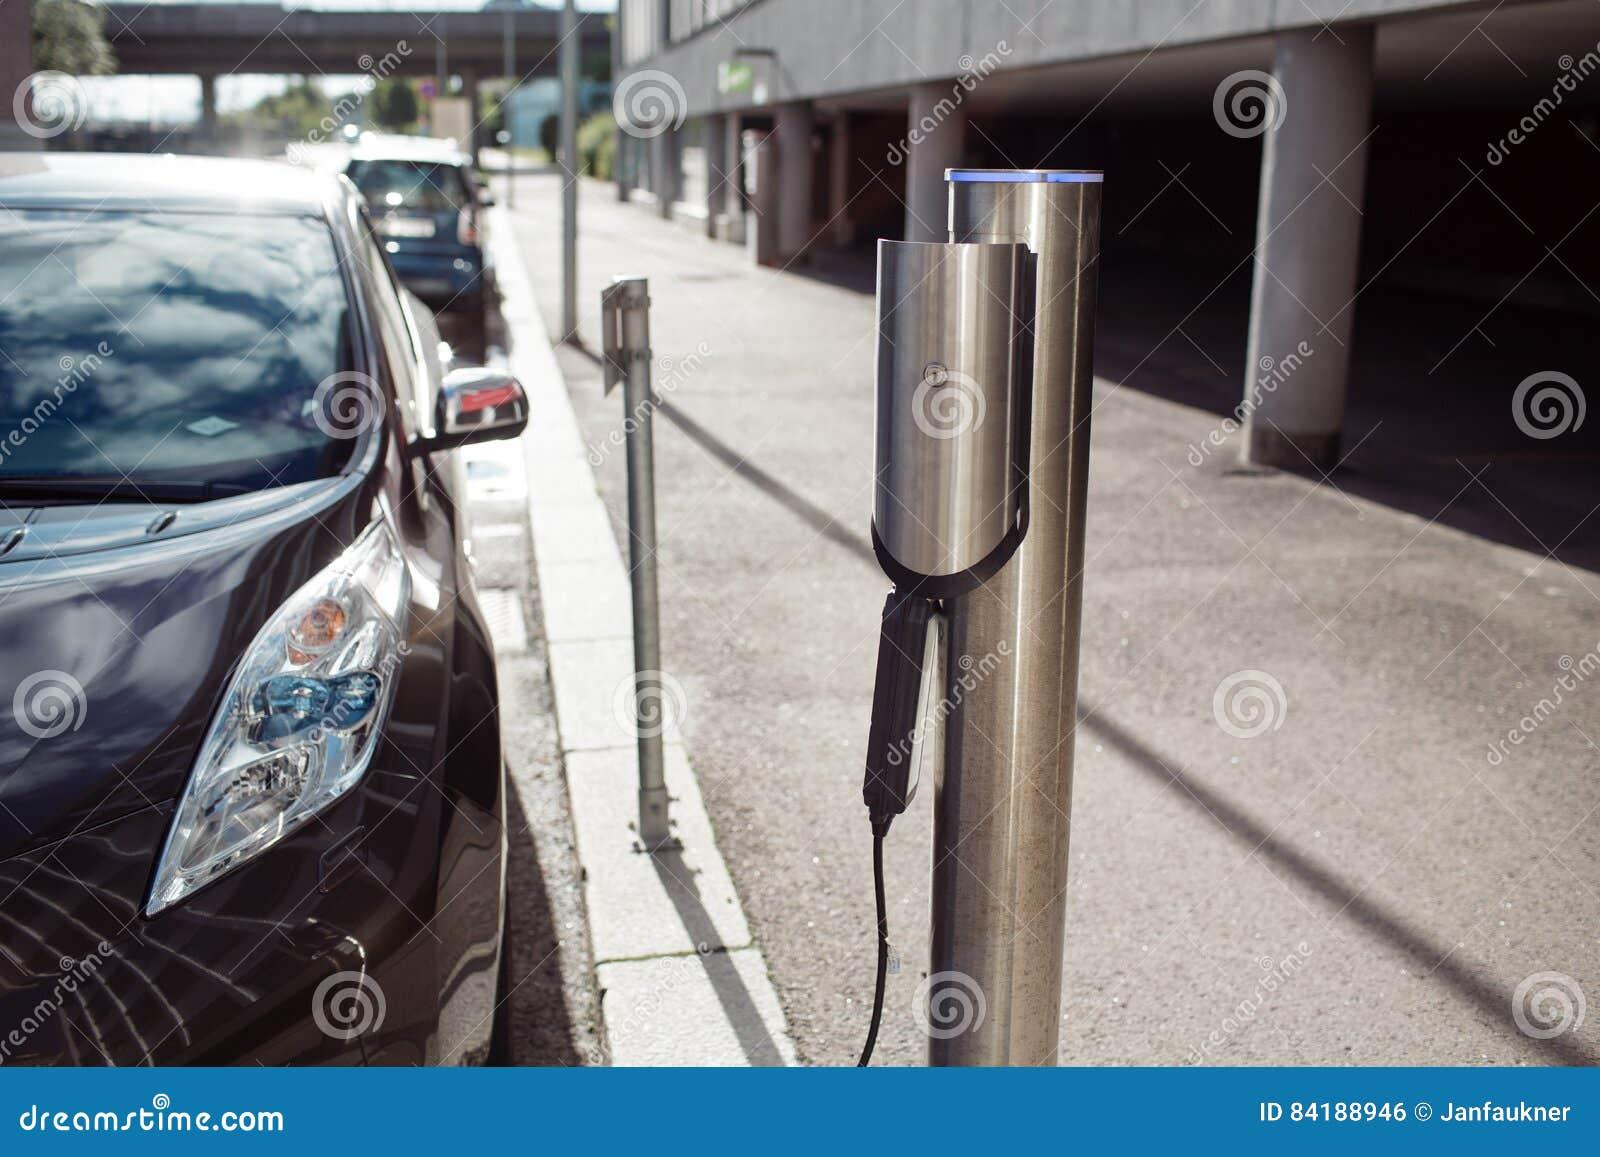 汽车装货能量的前方